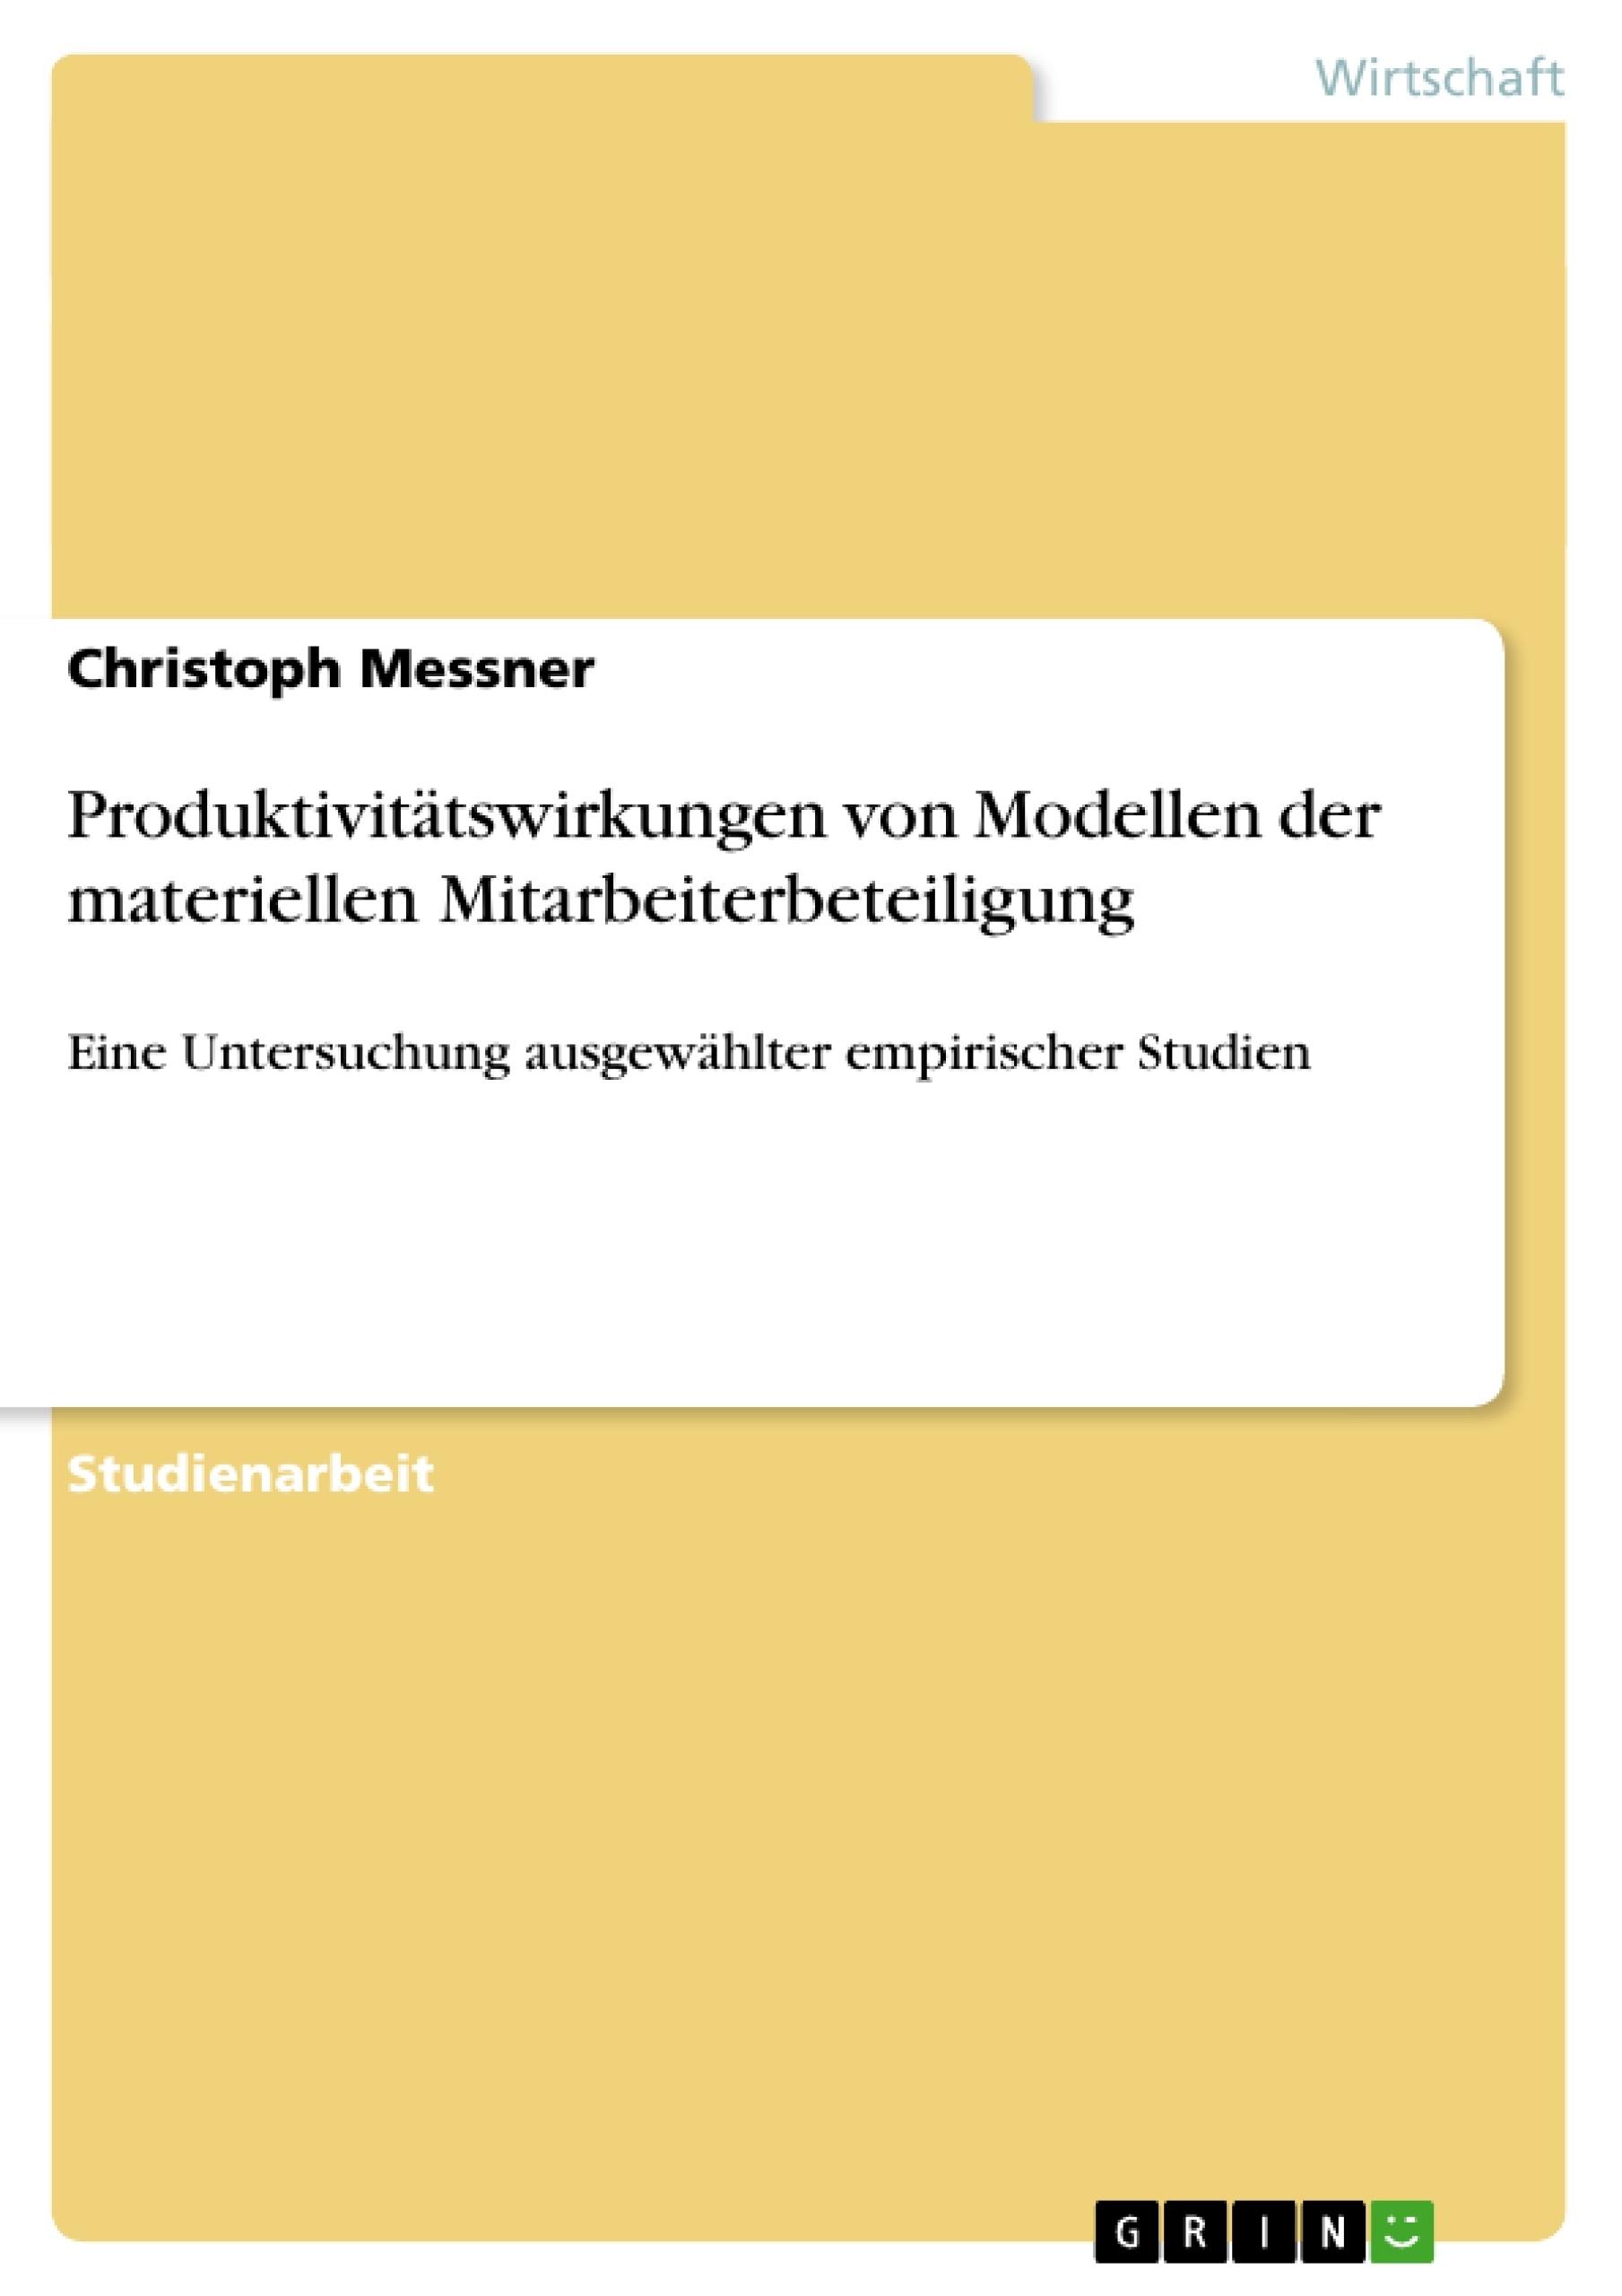 Titel: Produktivitätswirkungen von Modellen der materiellen Mitarbeiterbeteiligung